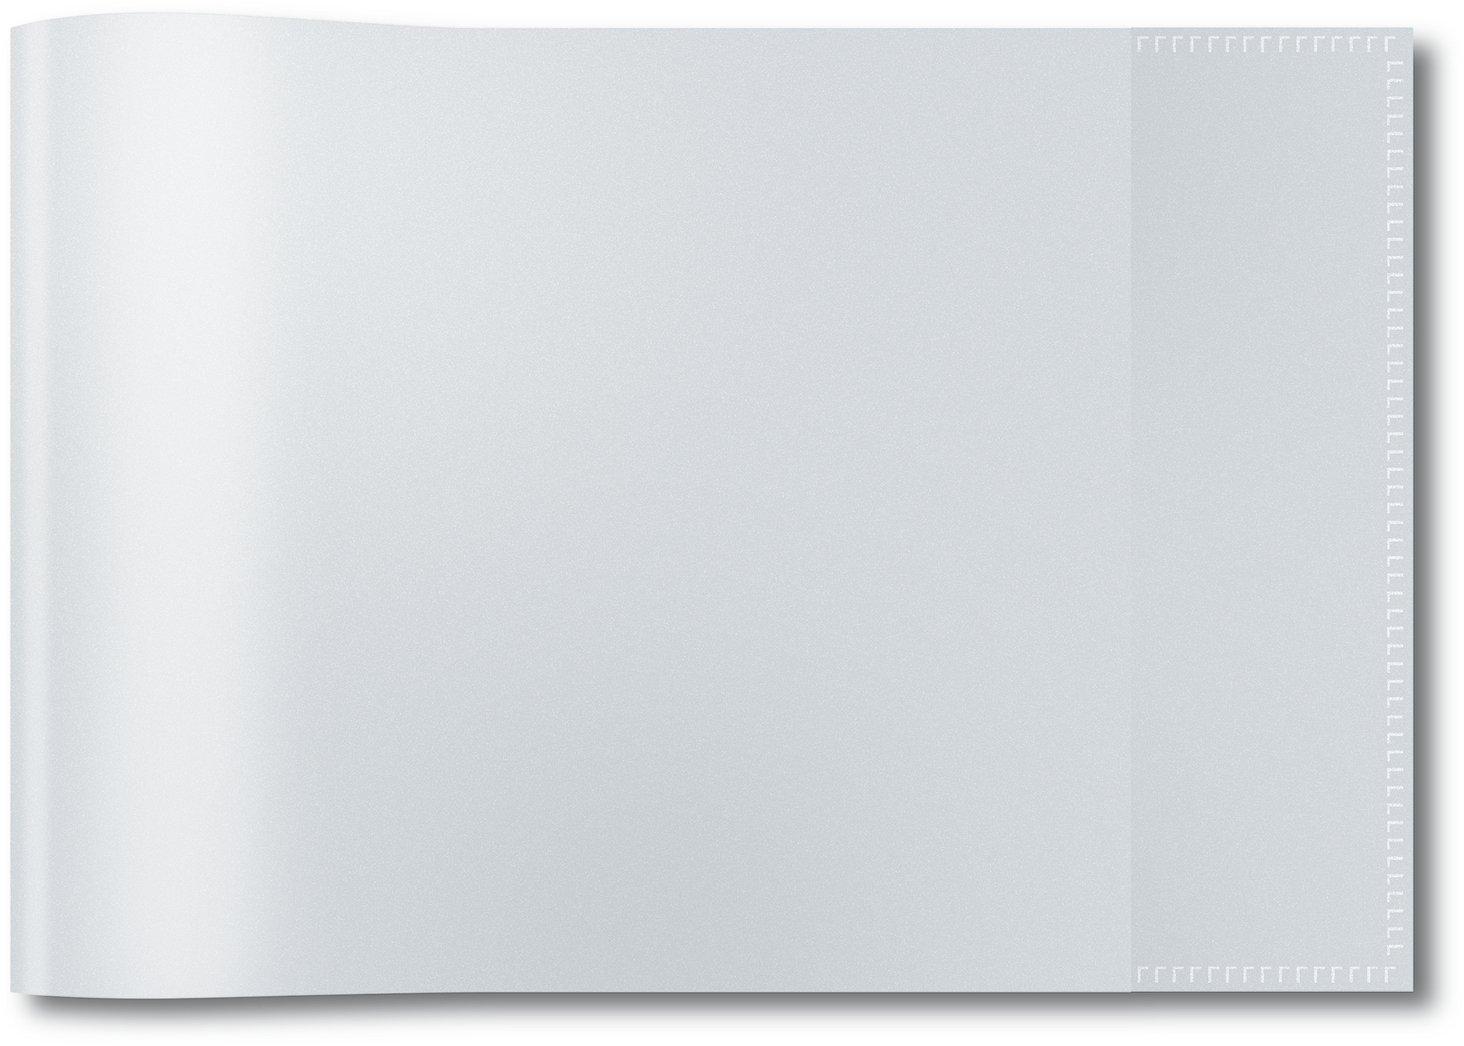 Herma 7470 Heftumschlag DIN A5 quer, Kunststoff transparent farblos, 1 Heftschoner für Schulhefte